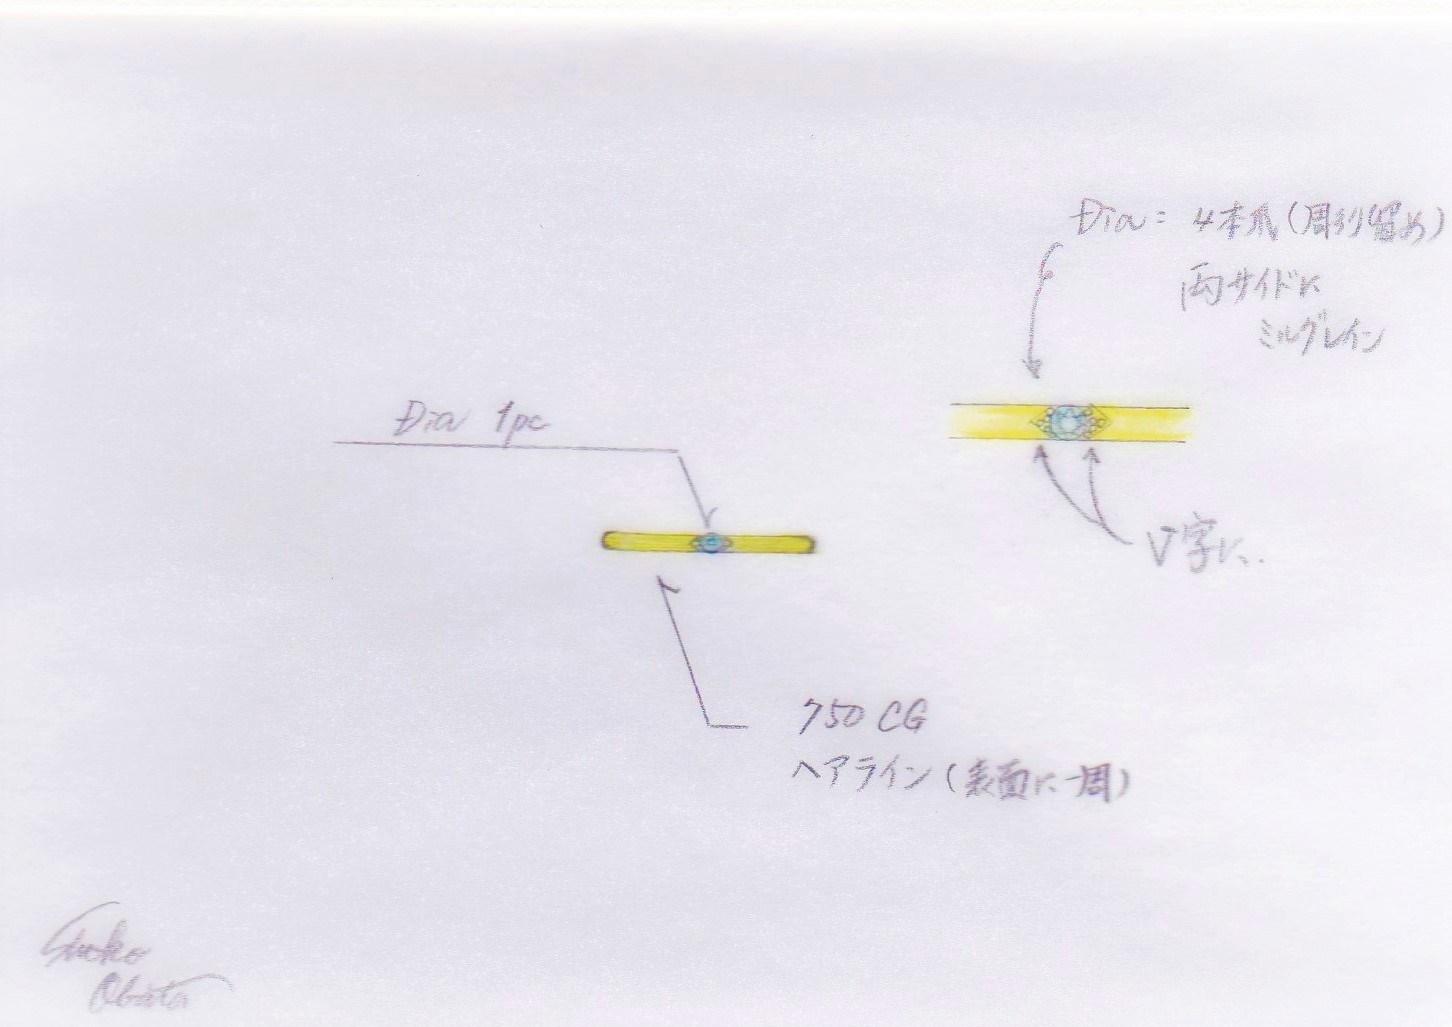 シャンパンゴールドのピンキーリング(オーダーメイド)エシカルダイヤモンドを使用。エシカルジュエリーのデザイン画